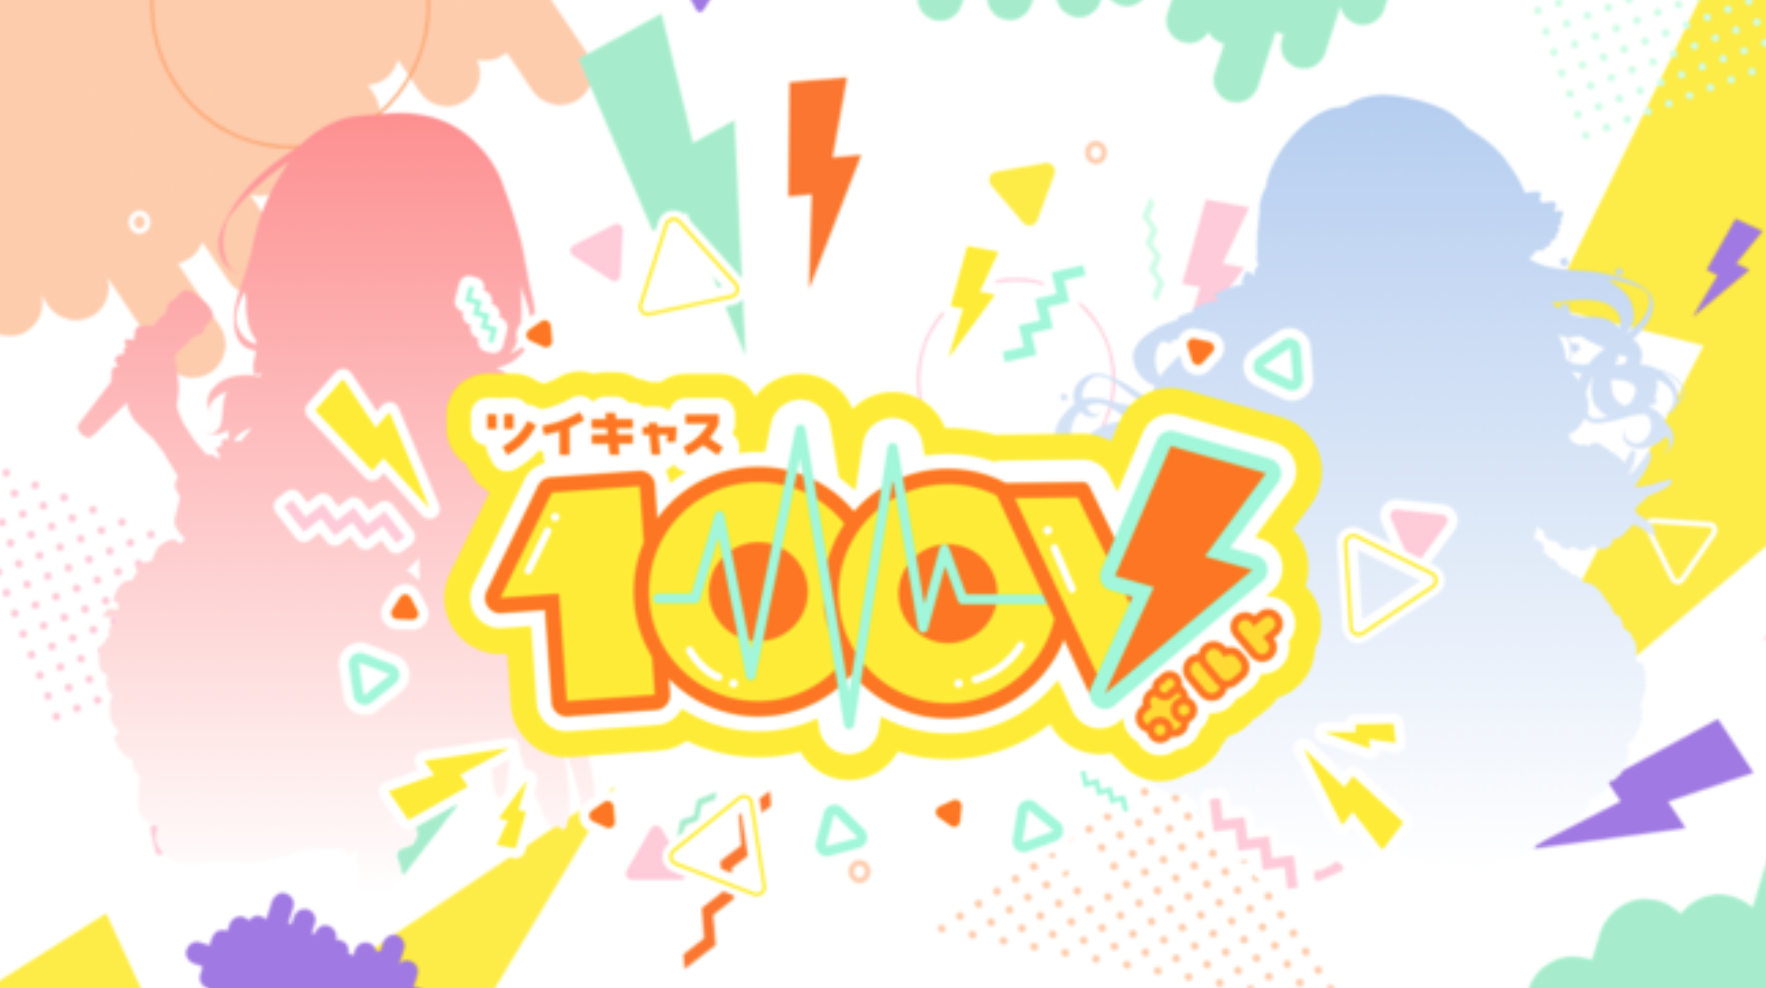 『ツイキャス100V』についての発表会! 1期生2名と3期生の募集要項を発表!